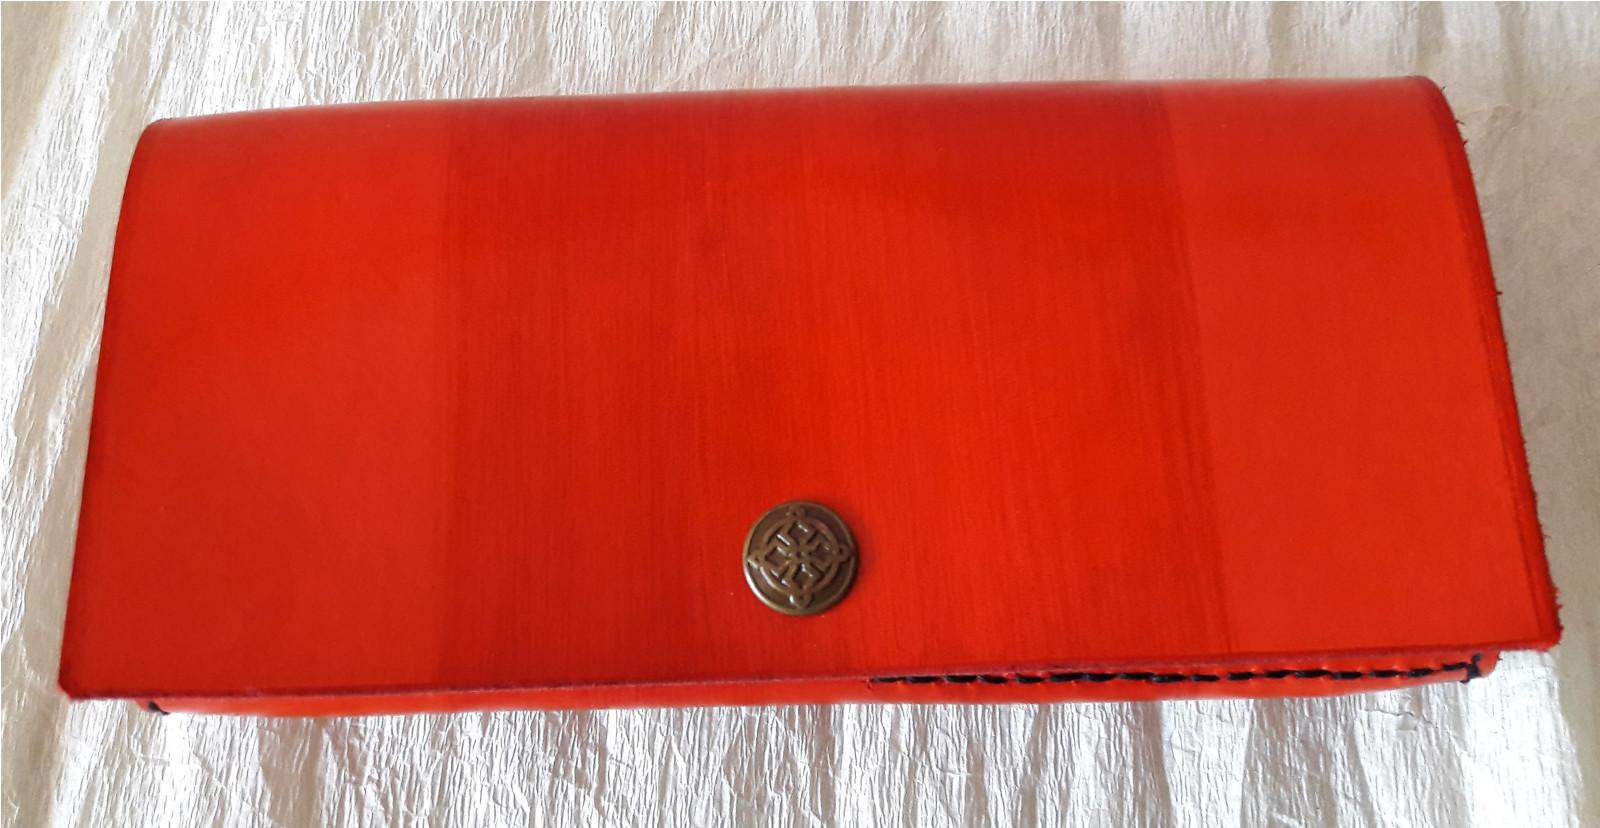 Kožená peněženka dámská....červená...   Zboží prodejce Nezbytné ... 5dc7fde262